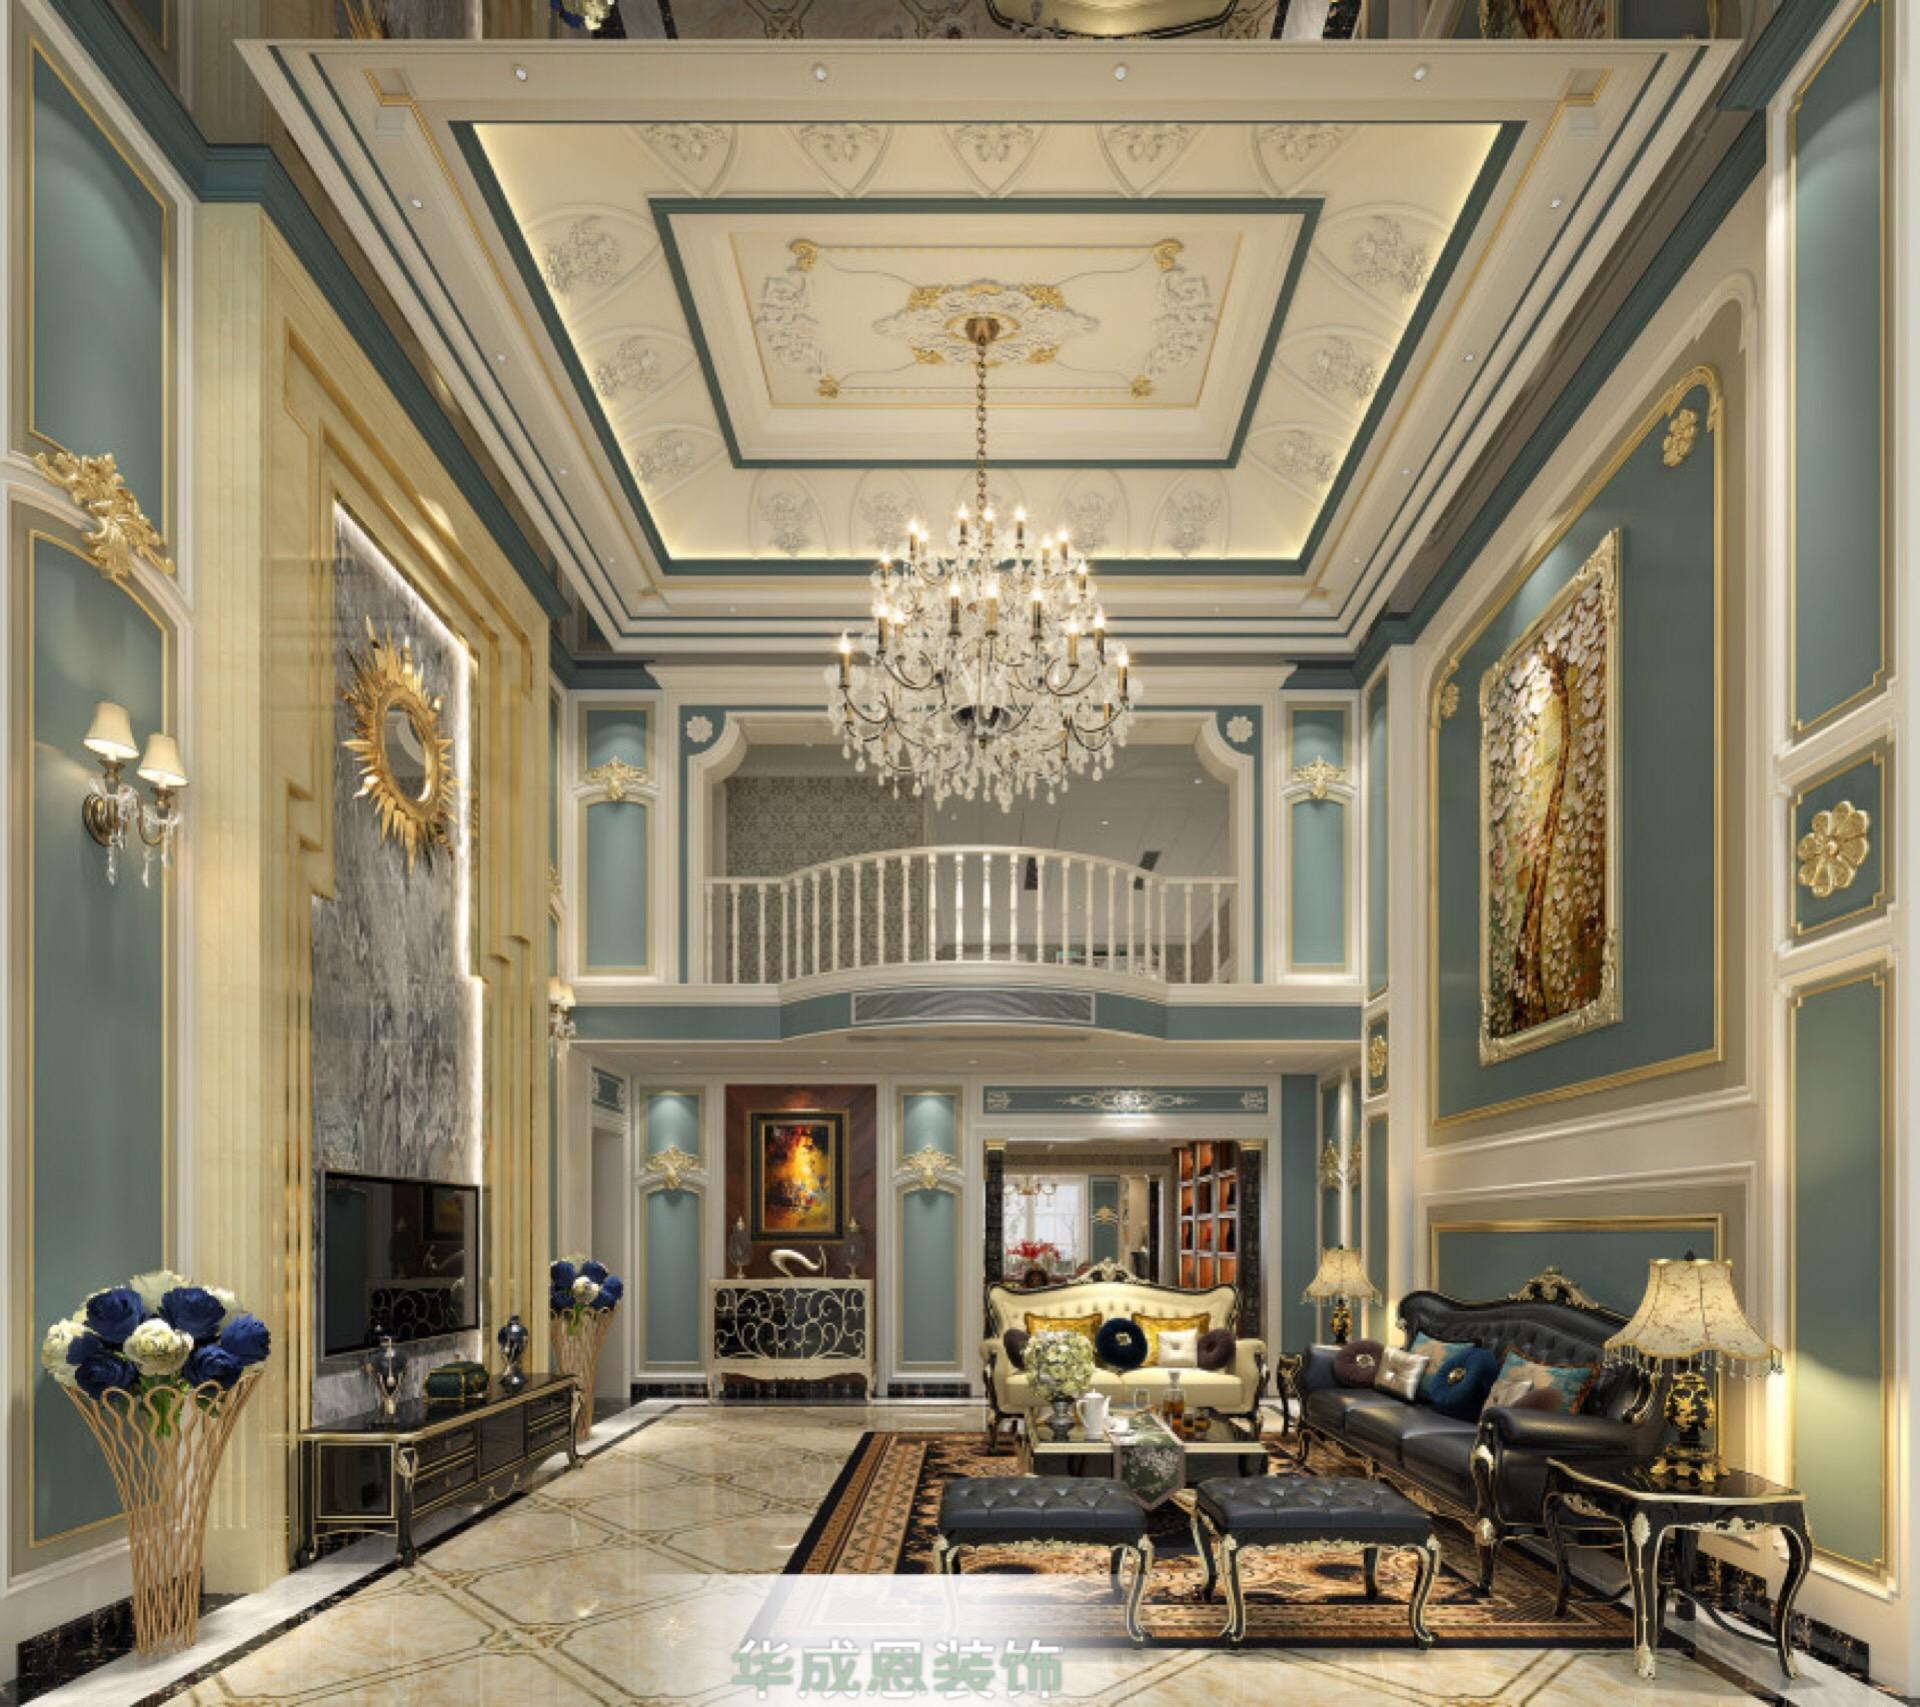 蓝色浪漫+法式奢华=别人家的房子~~